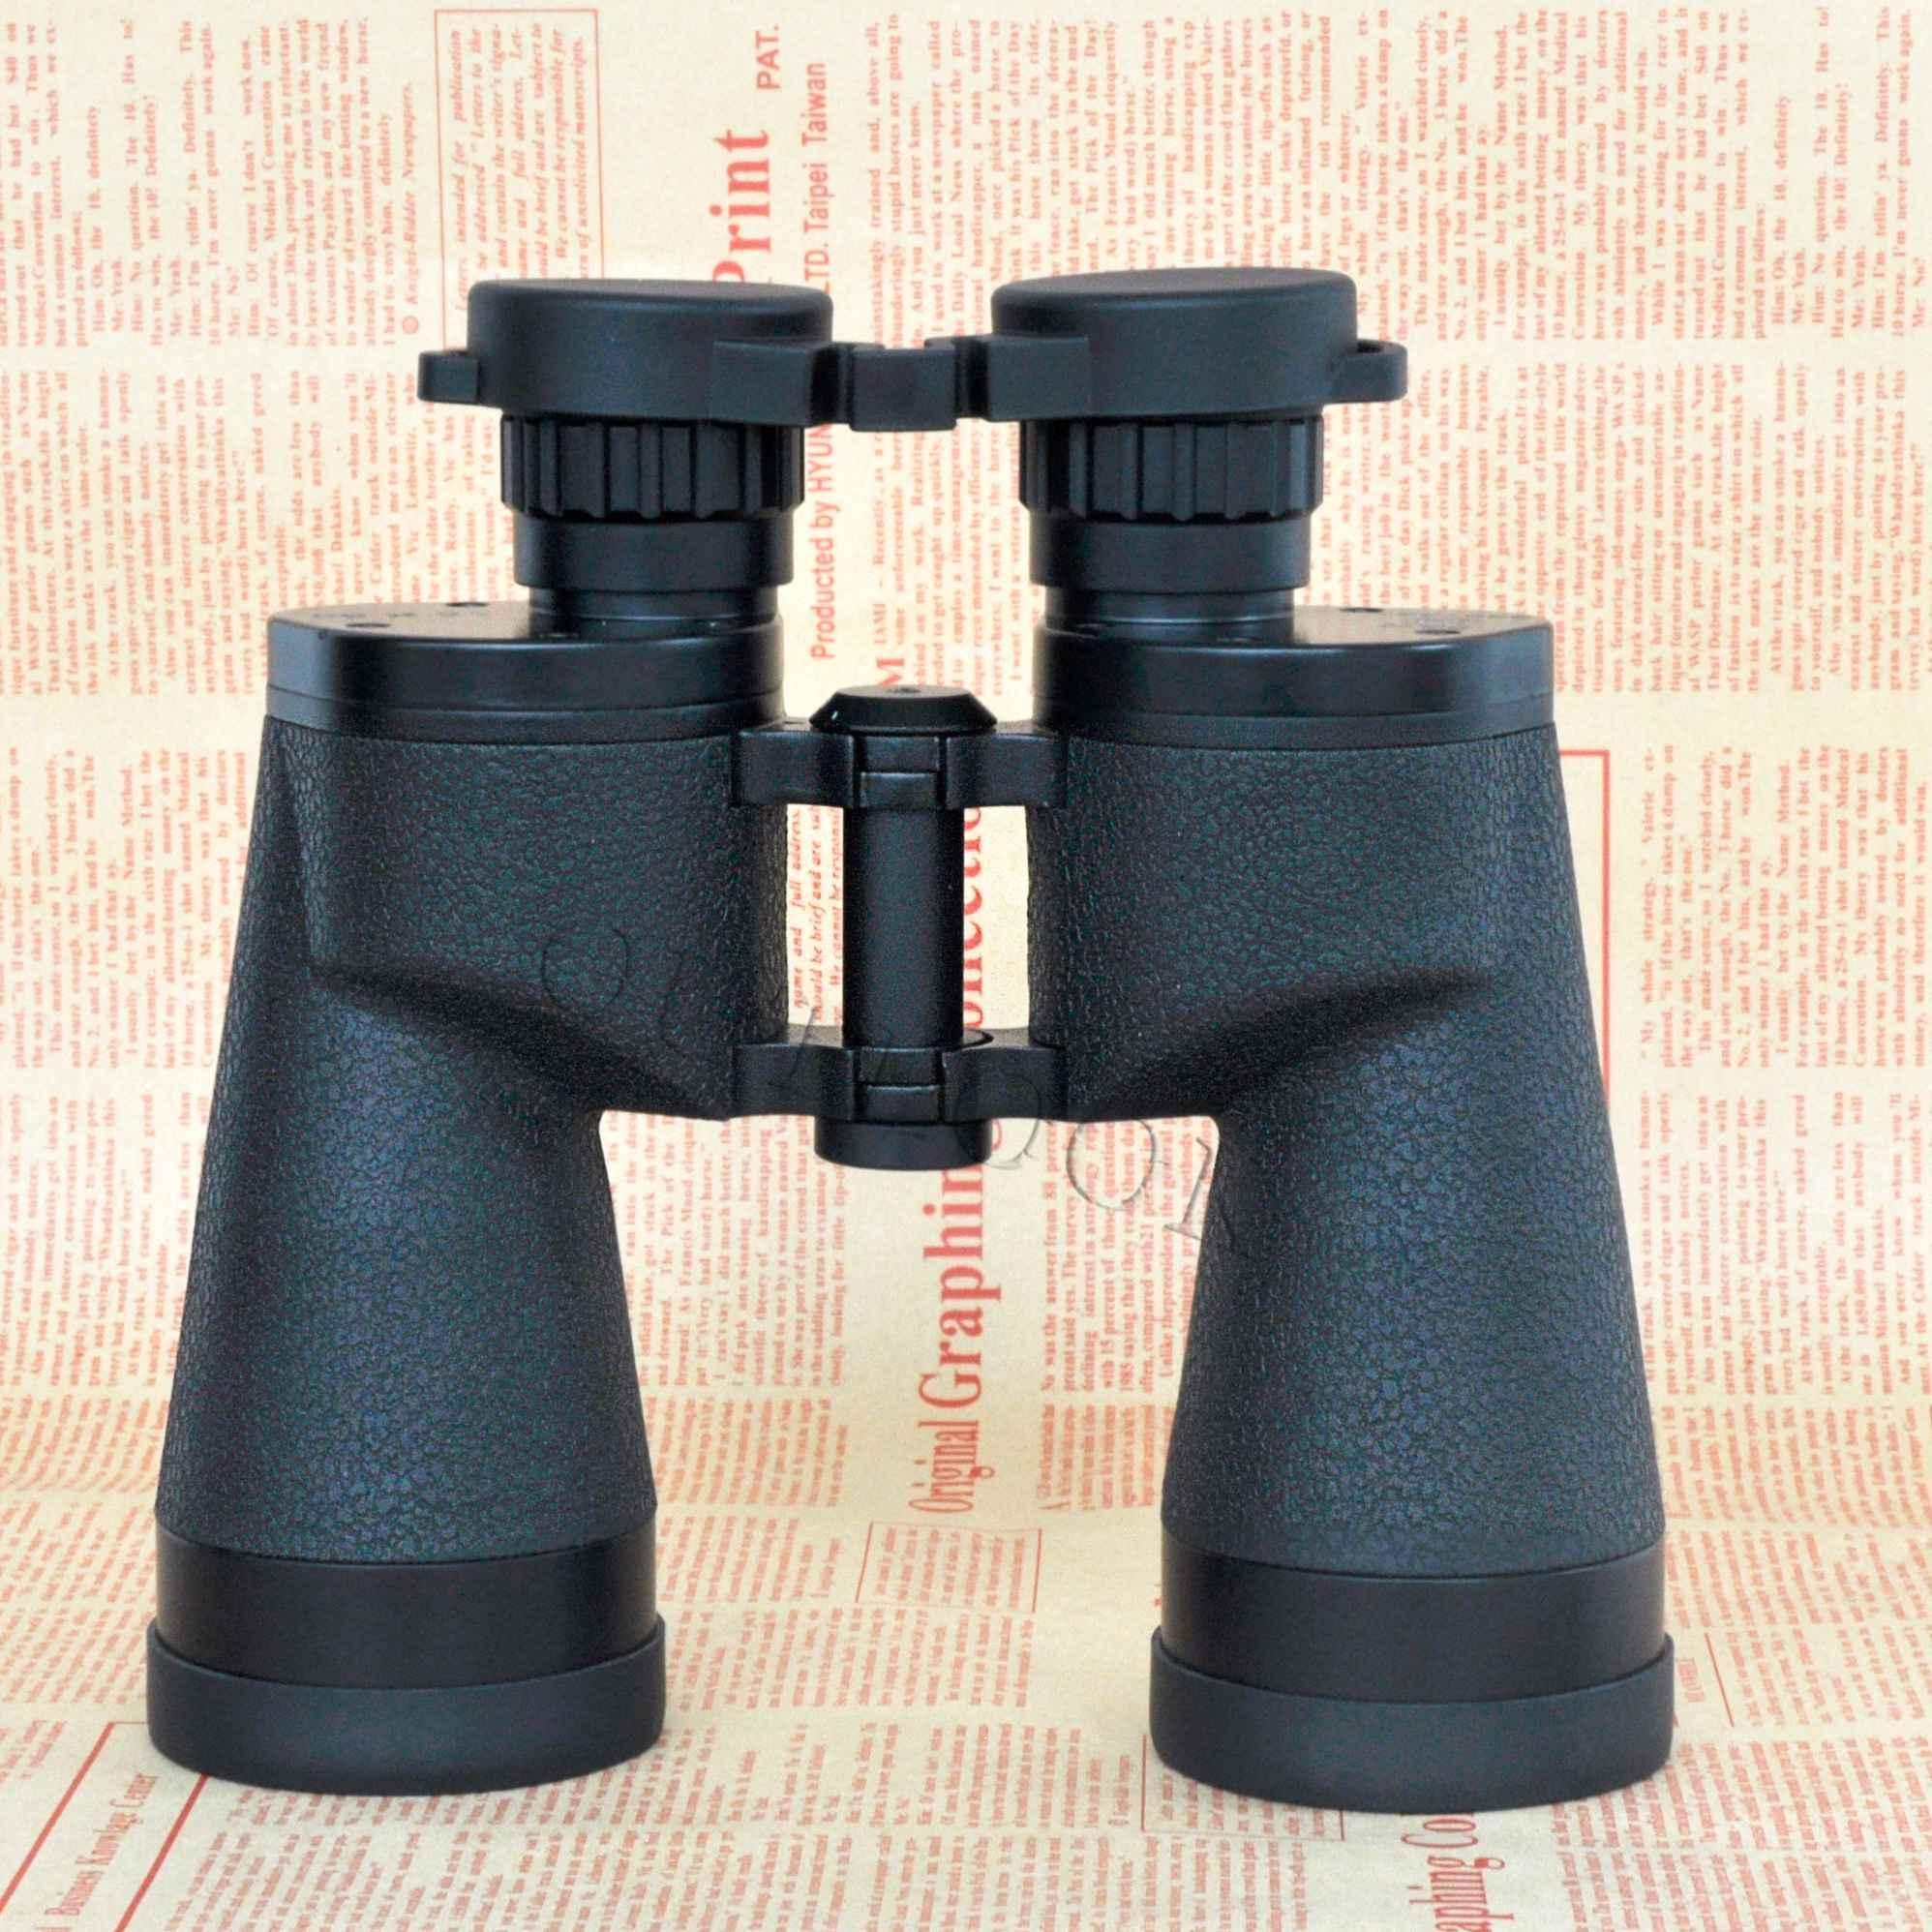 15x50 binoculars